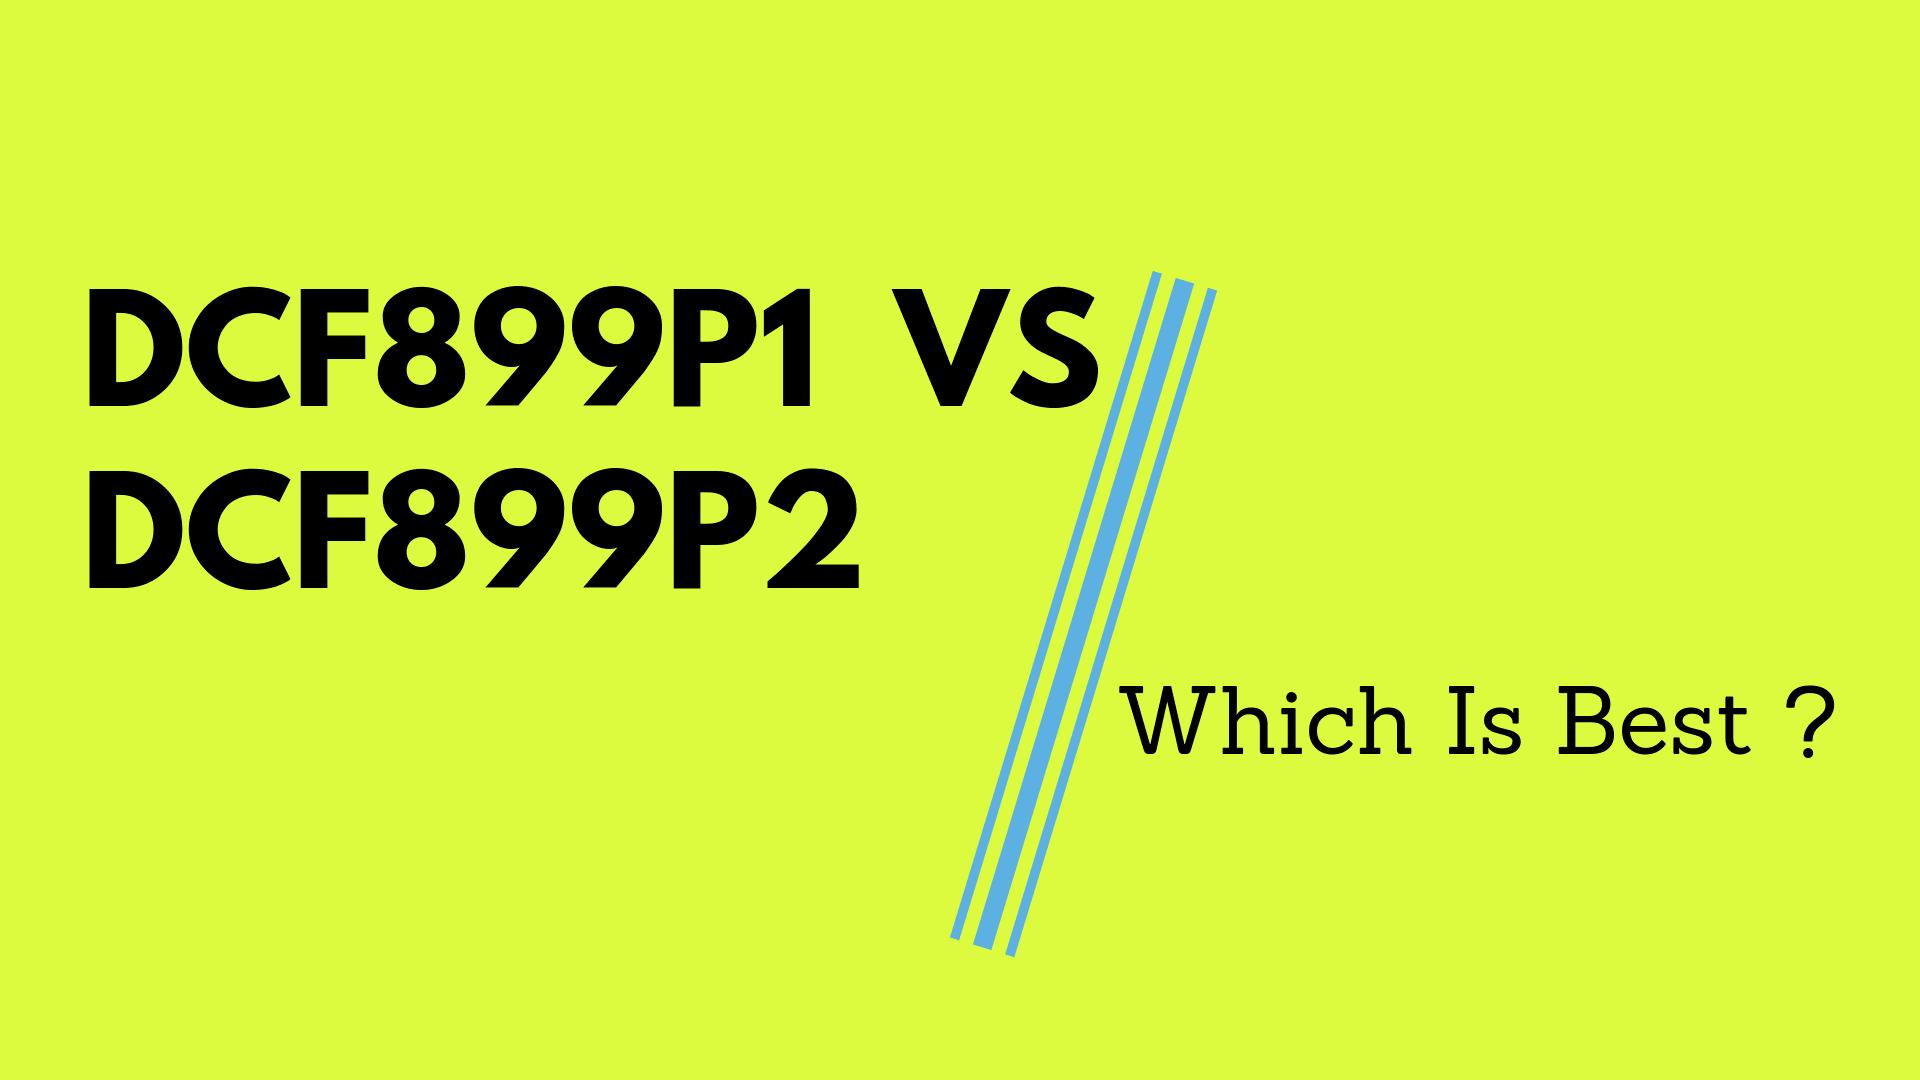 dcf899p1 vs dcf899p2